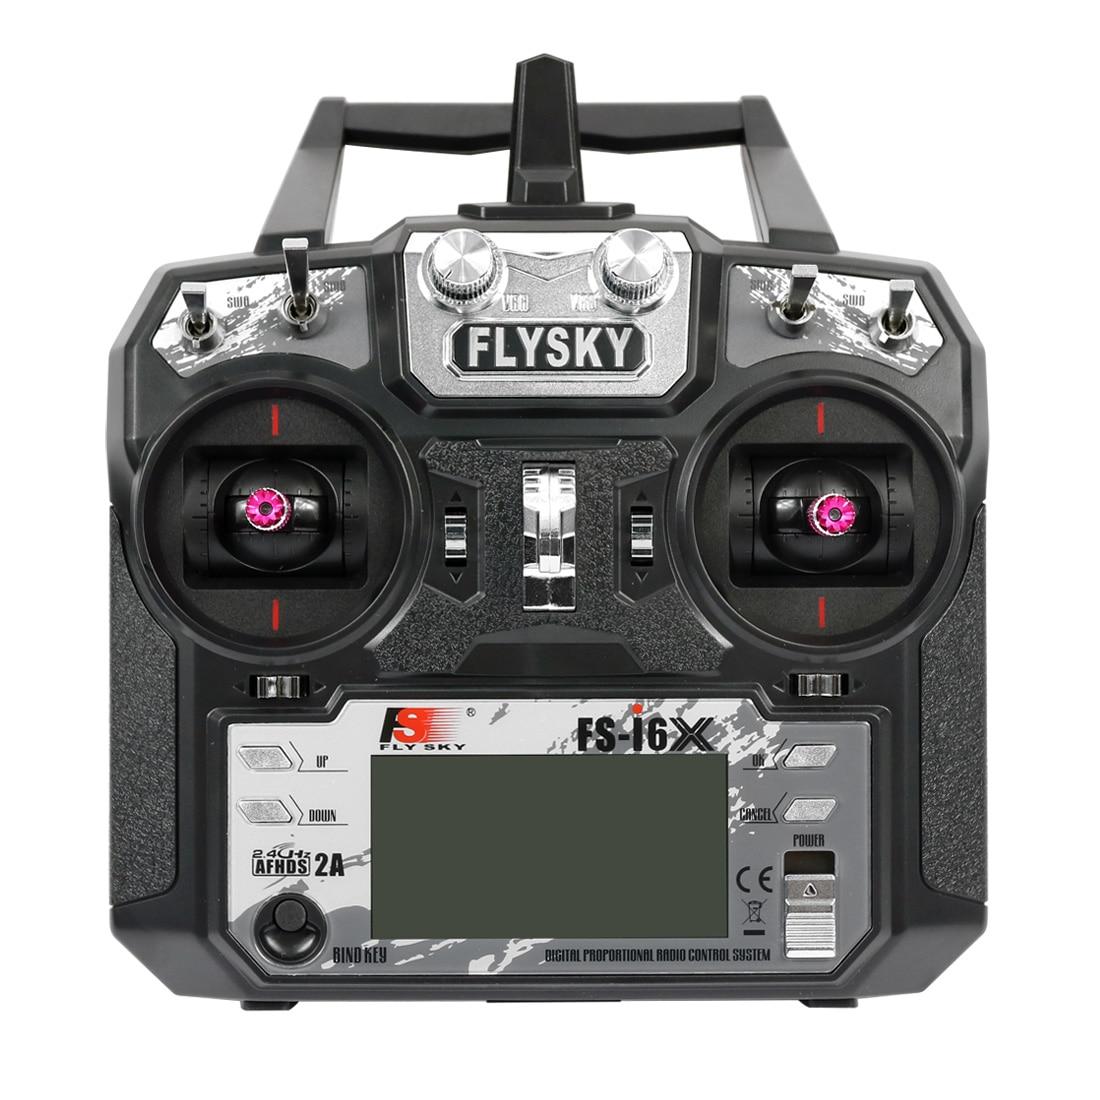 2318.8руб. 34% СКИДКА|Оригинальный Flysky FS i6X 10CH 2,4 GHz AFHDS 2A RC передатчик без приемника для радиоуправляемого дрона самолета вертолета пульта дистанционного управления|Пульт дистанционного управления| |  - AliExpress